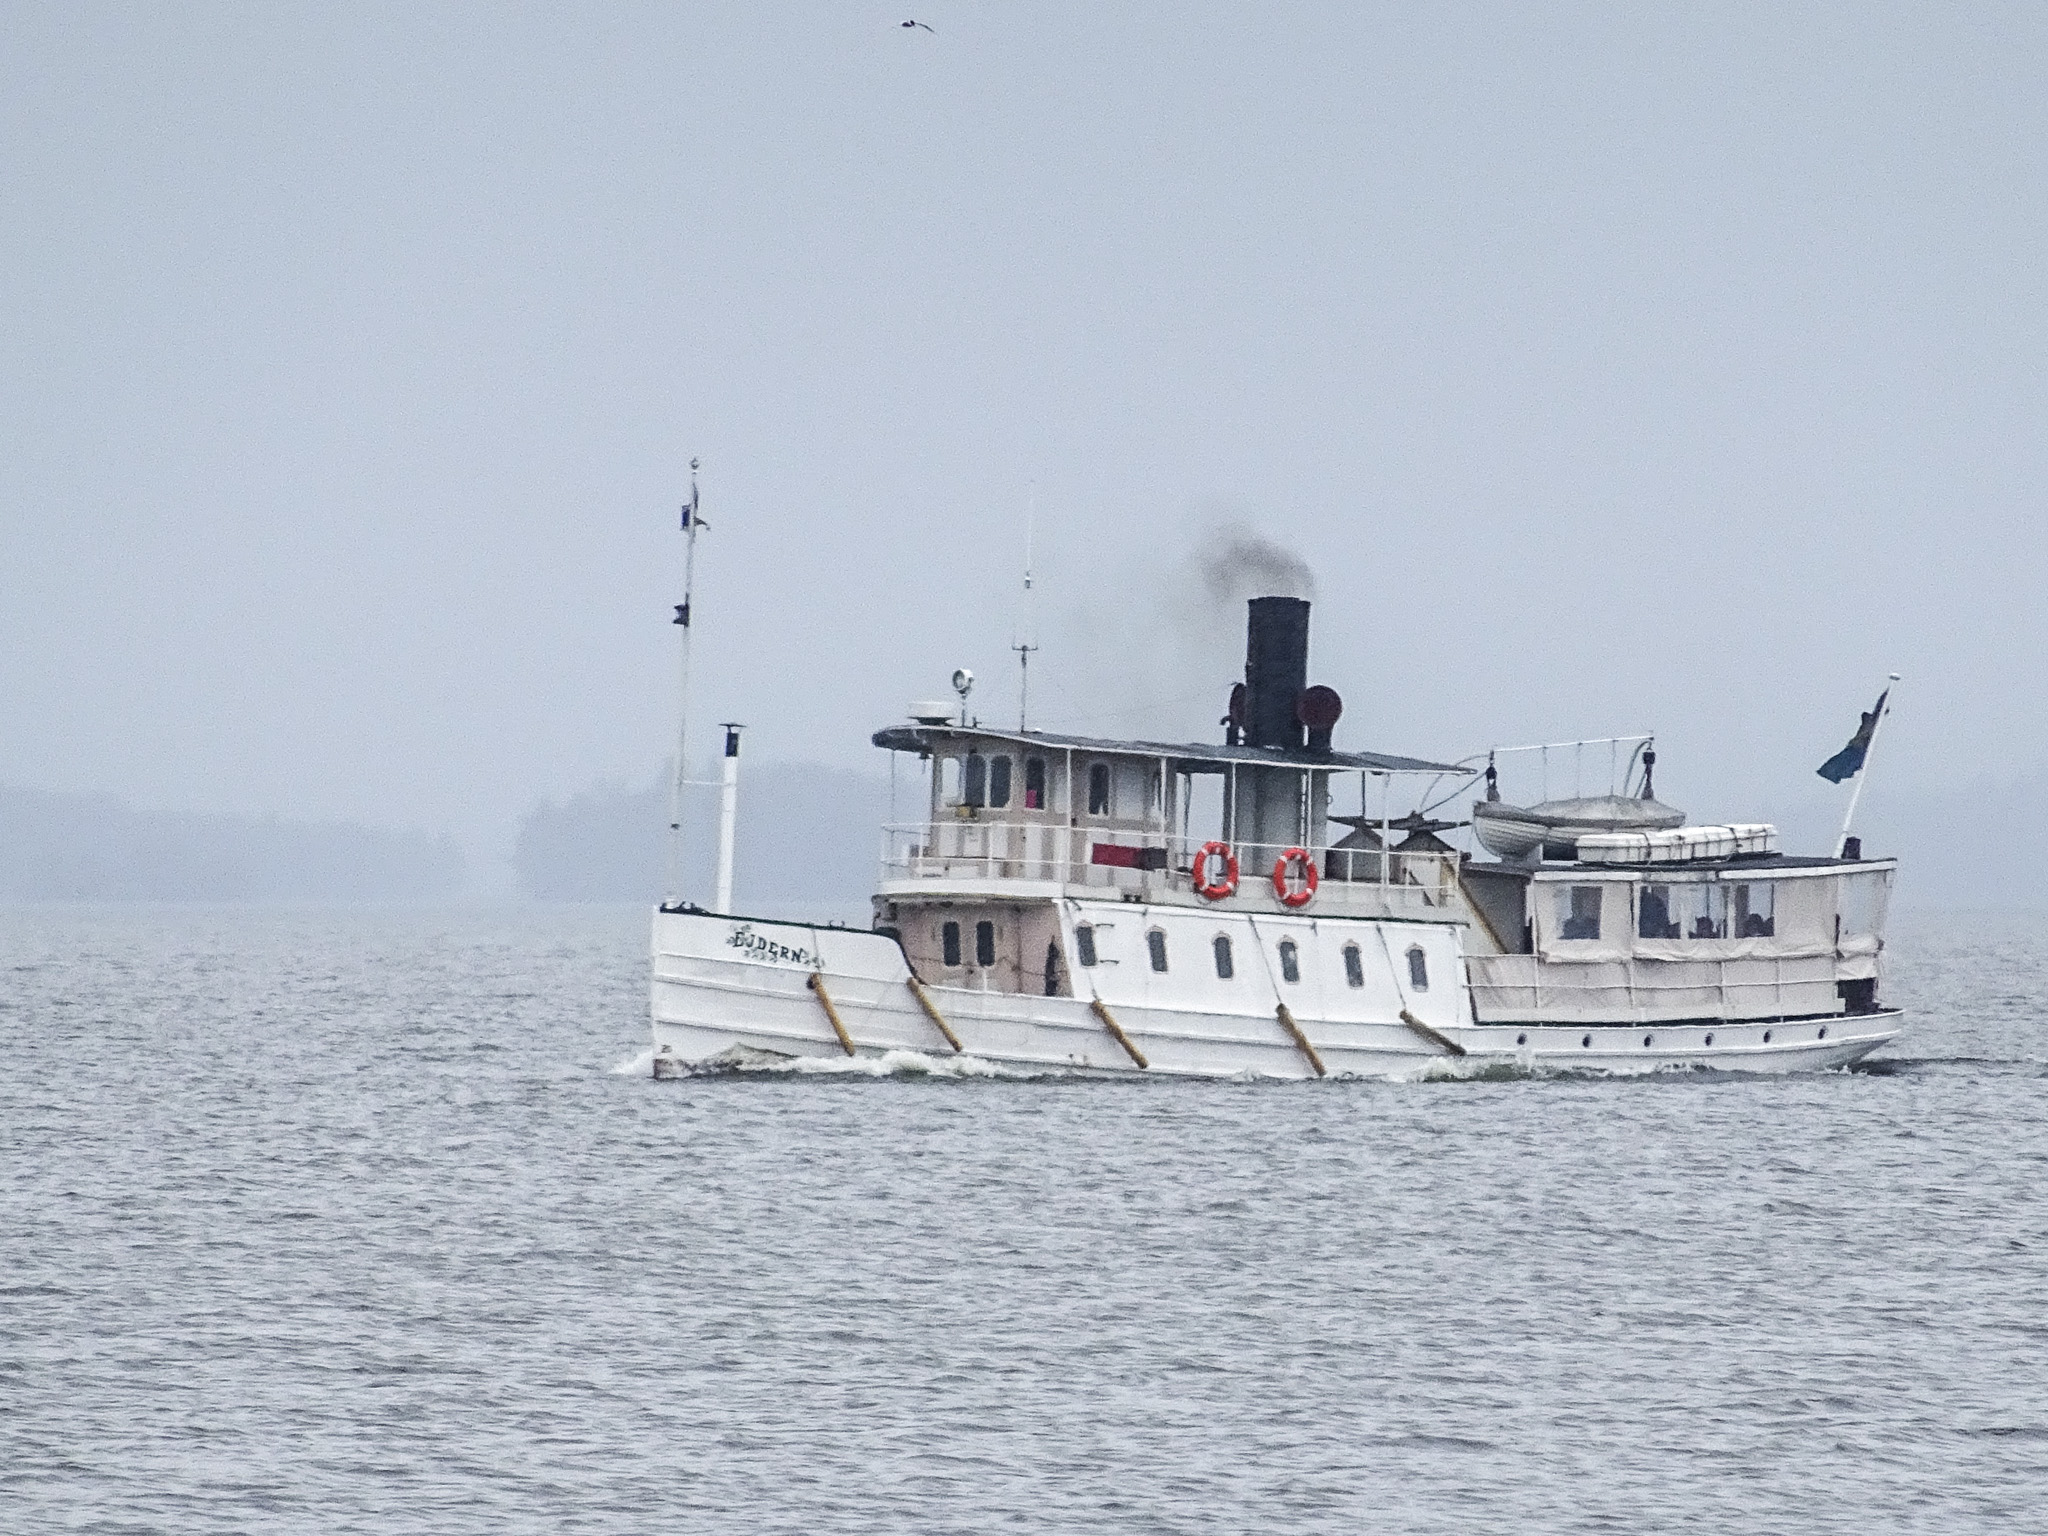 Passagierschiff auf dem Mälaren